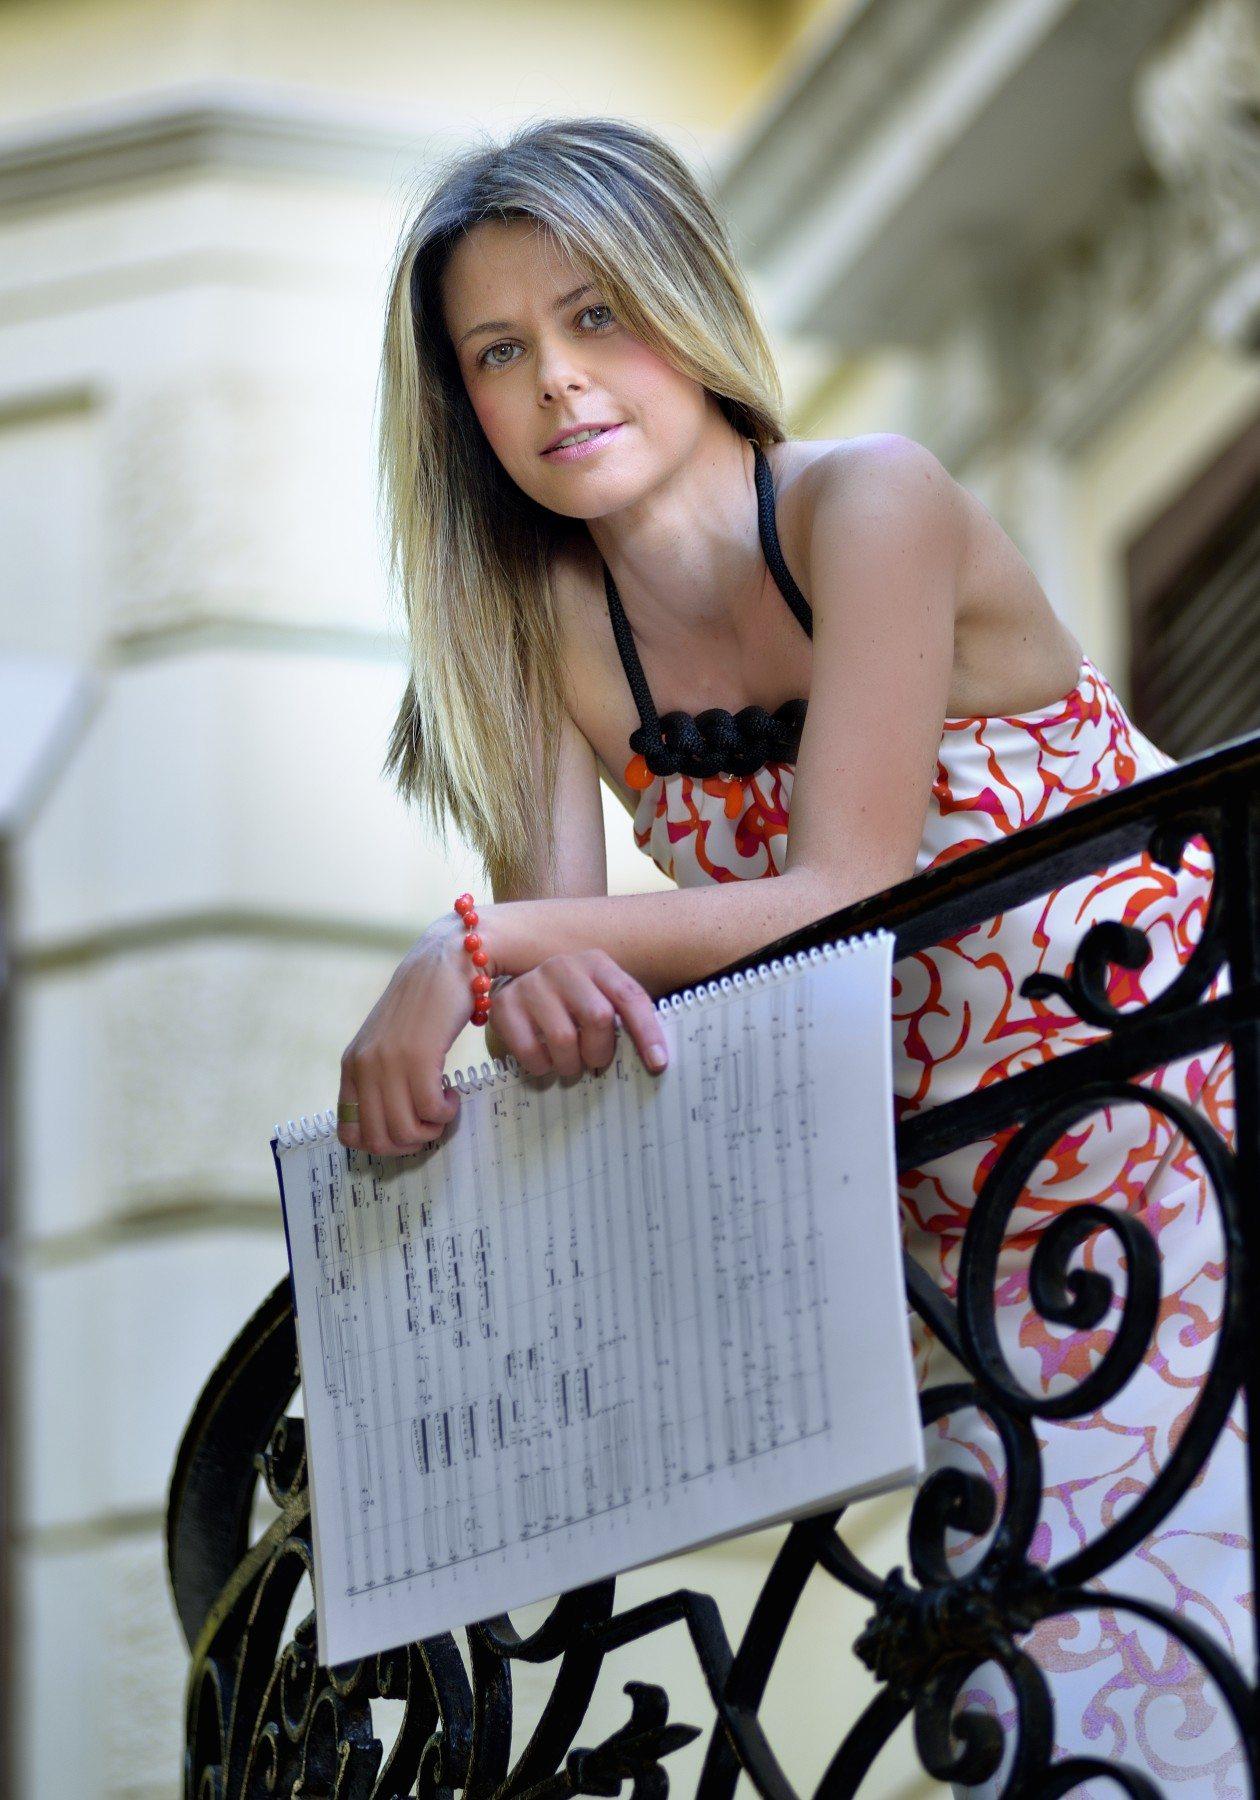 Lina Tonia (c) Achilleas Menos